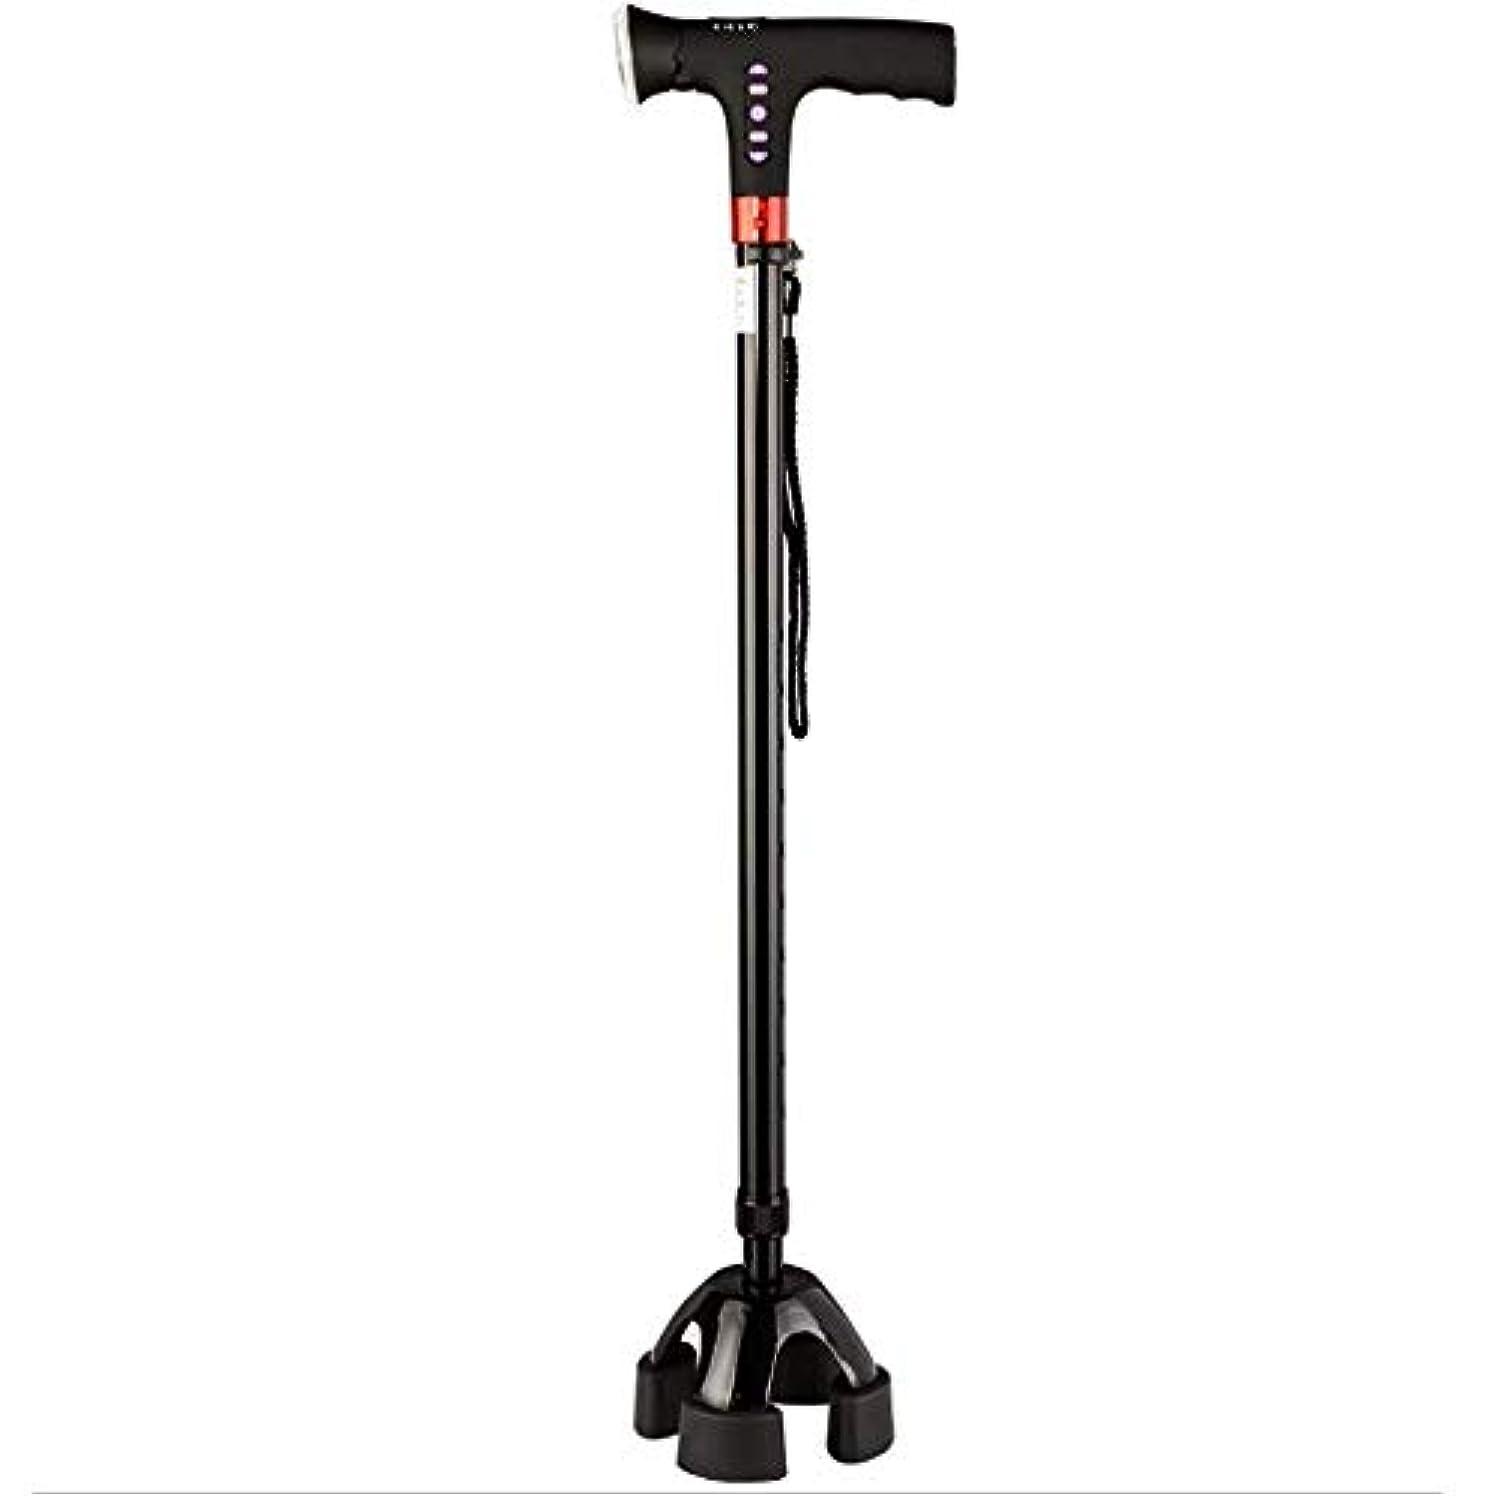 憂鬱アラート前部LEDライトアルミ松葉杖人間工学に基づいた快適さハンドルの高さ調節可能な滑り止め高齢者旅行松葉杖医療リハビリテーション松葉杖